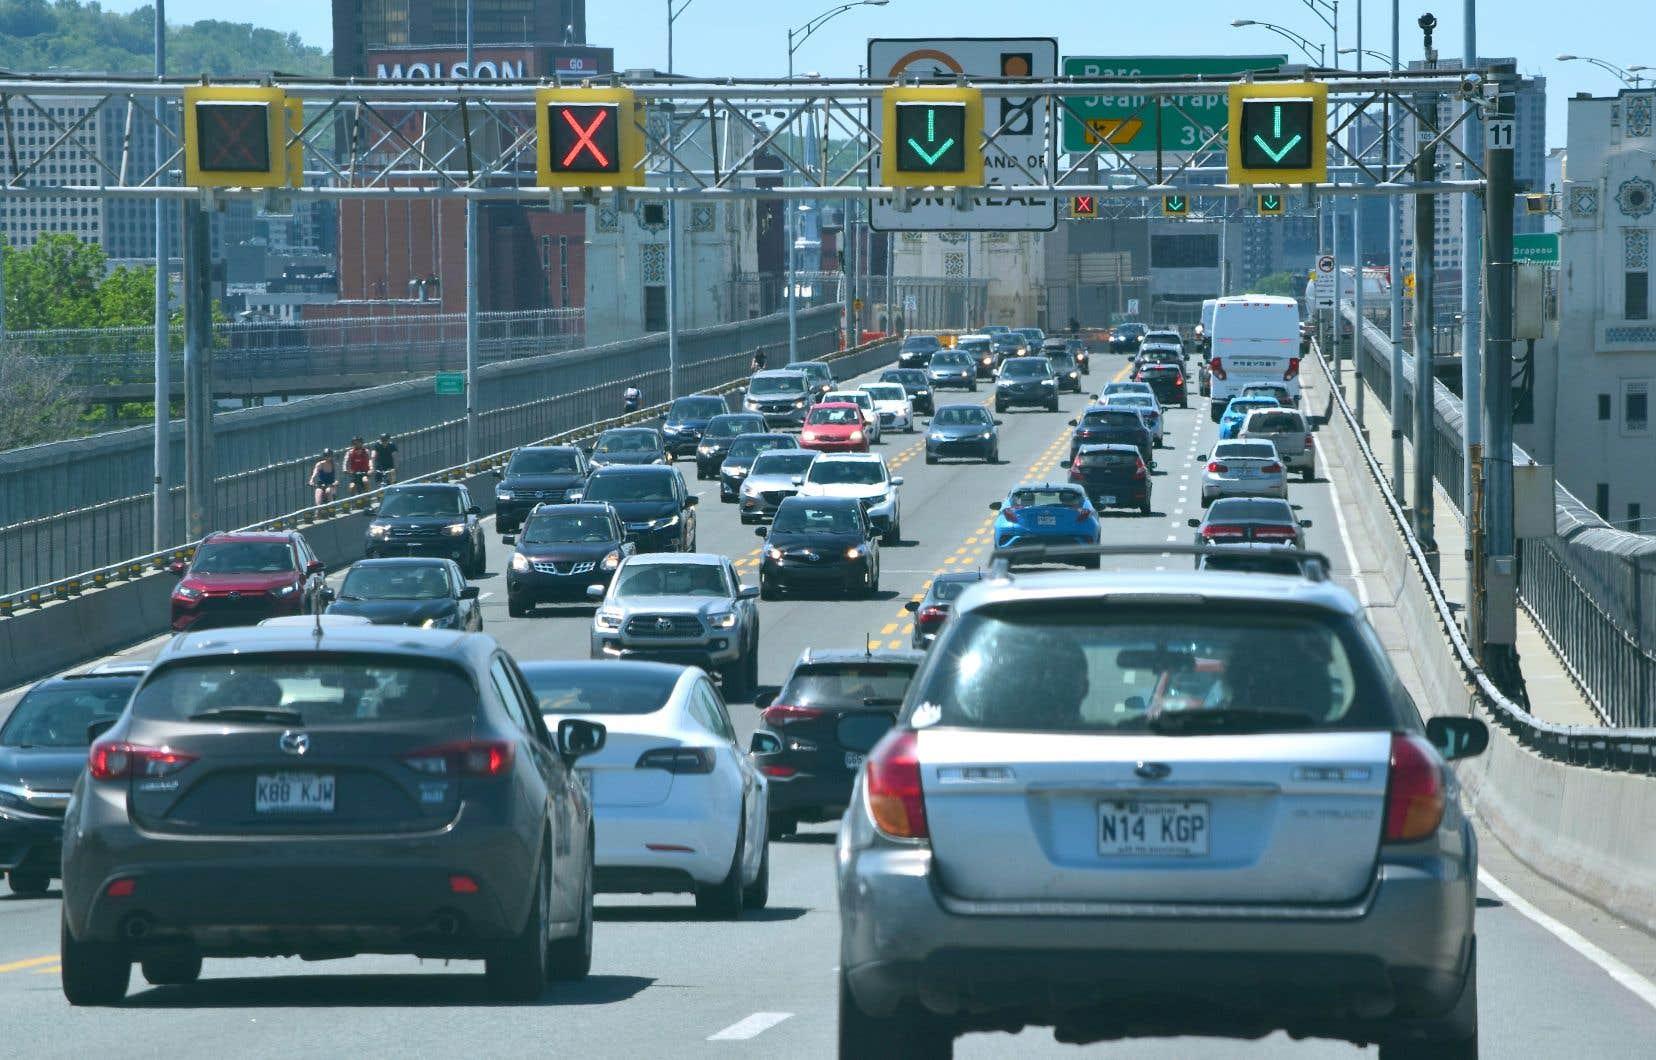 Pour que le Canada atteigne la carboneutralité d'ici 2050, il faudrait entre autres qu'environ la moitié des ventes de véhicules neufs au pays soient des véhicules «zéro émission» dès l'an prochain, estime le Directeur parlementaire du budget dans un nouveau rapport.